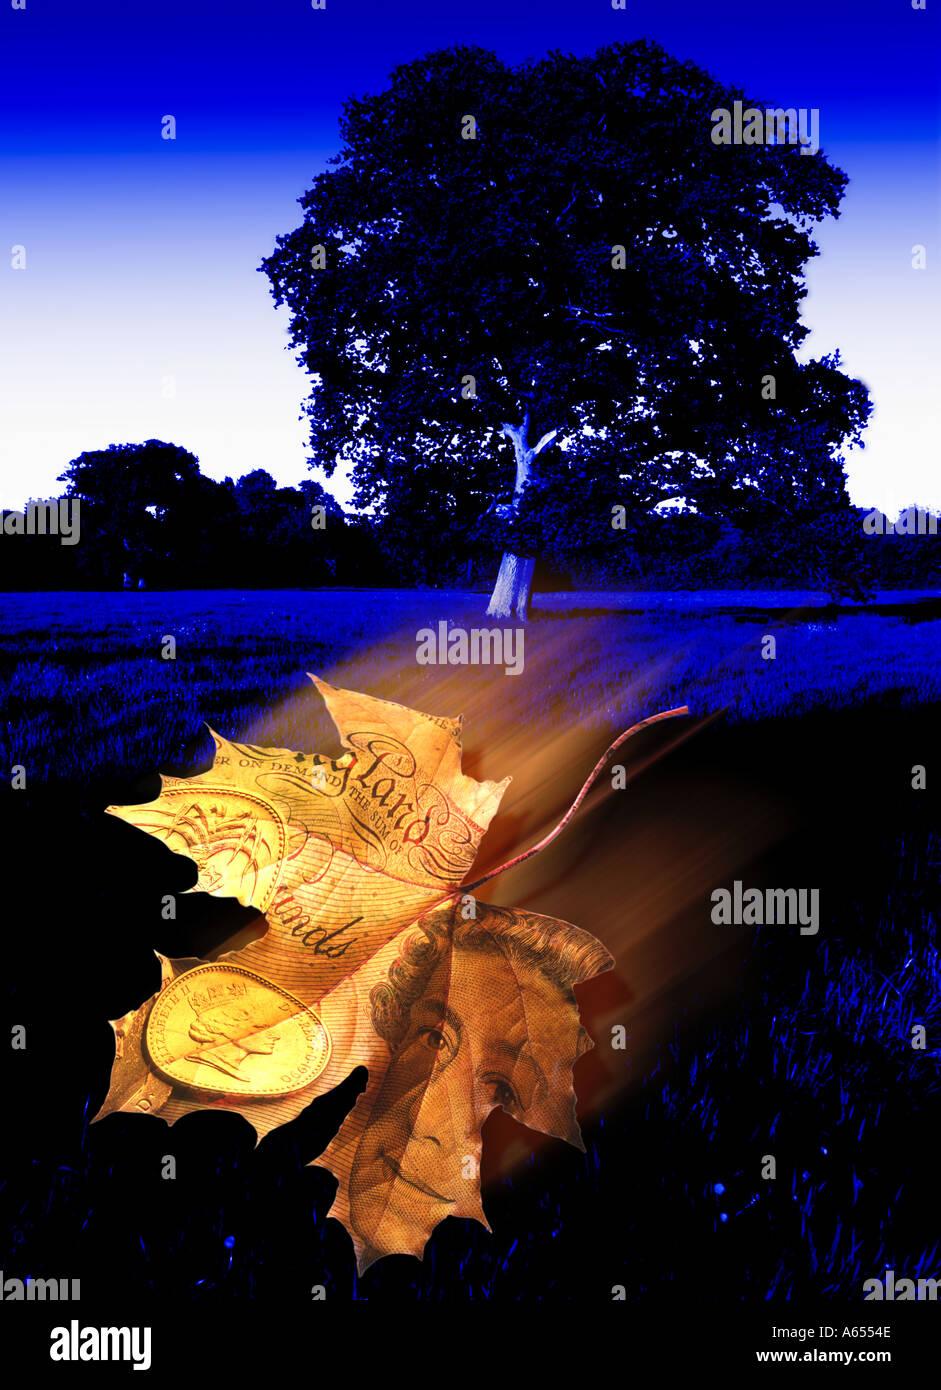 L'argent pousse dans les arbres concept abstrait Effets spéciaux Photo Stock